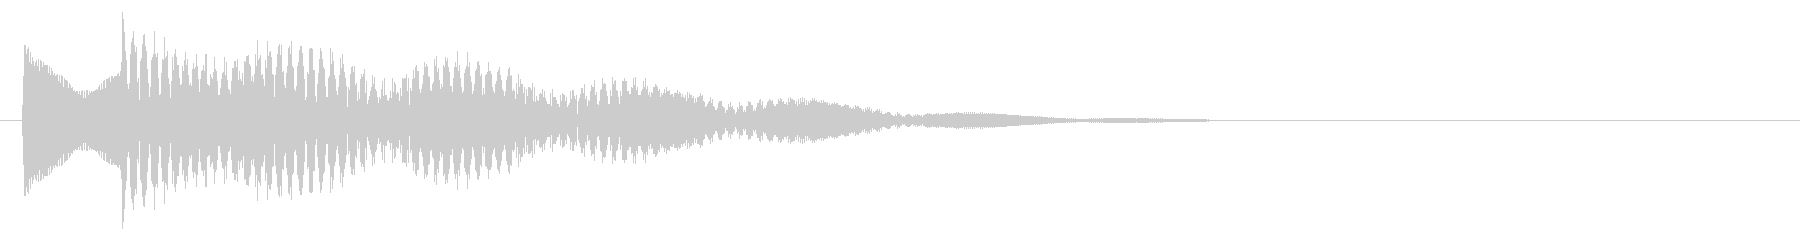 マレット系 キャンセル音5(小)の未再生の波形